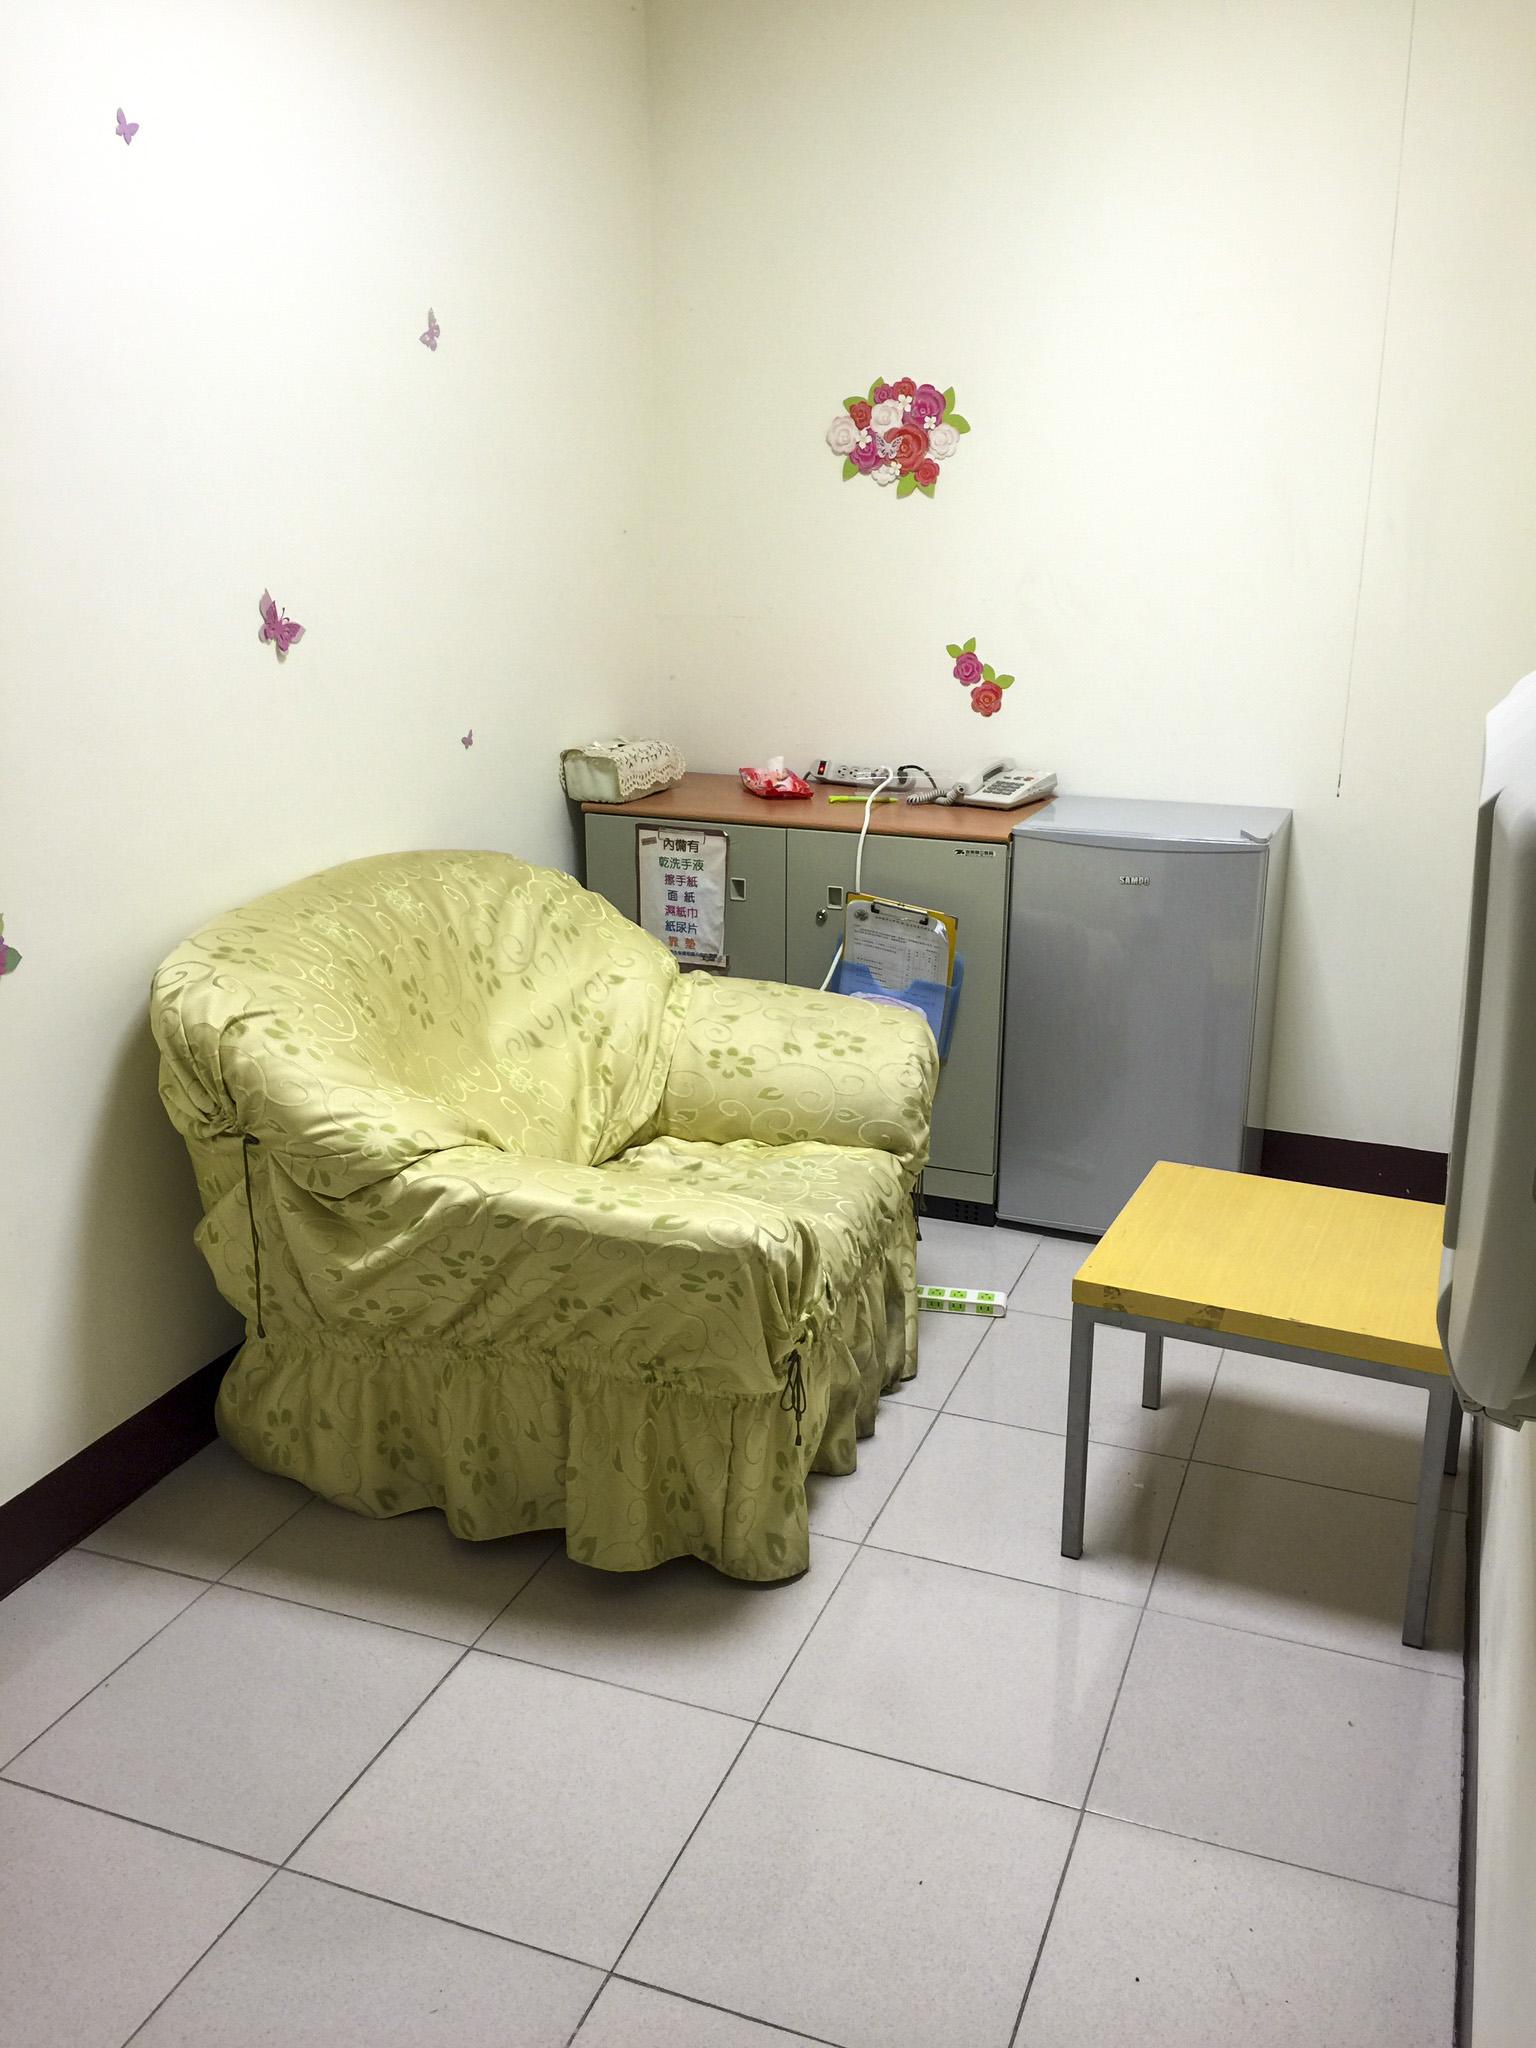 新館宿舍哺乳室-內部空間Ⅰ